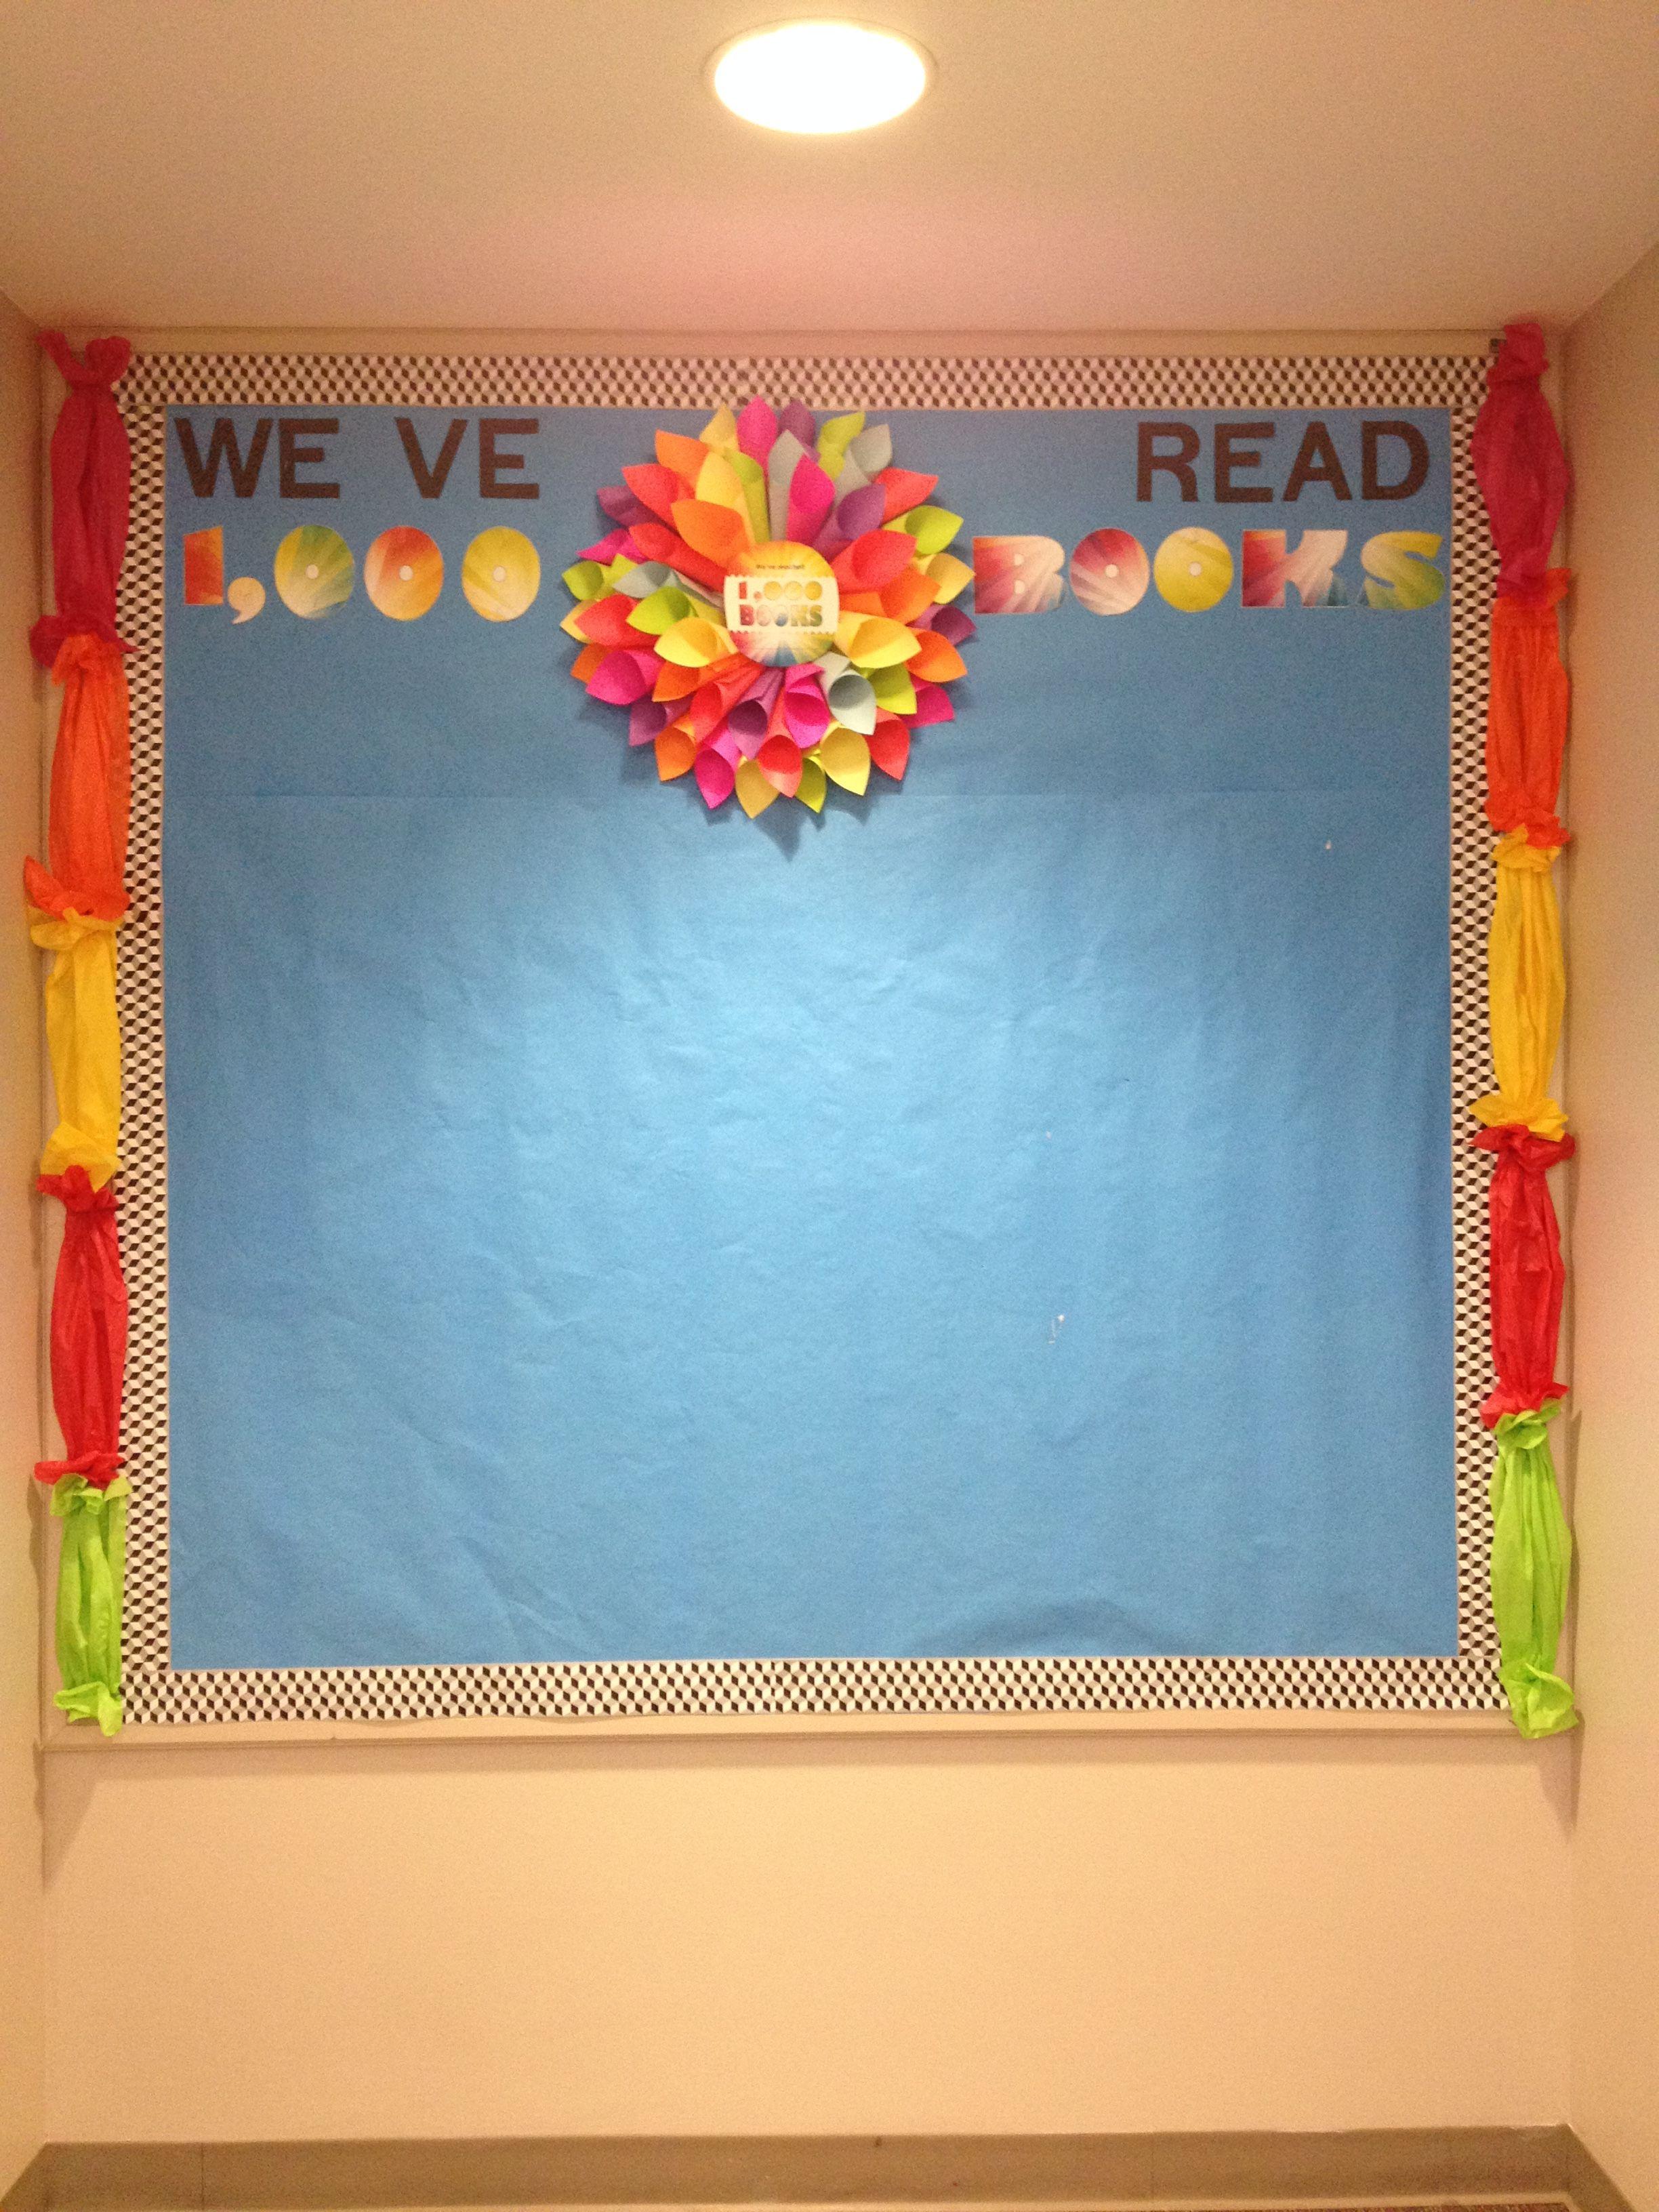 1000 books before kindergarten 1000 books before